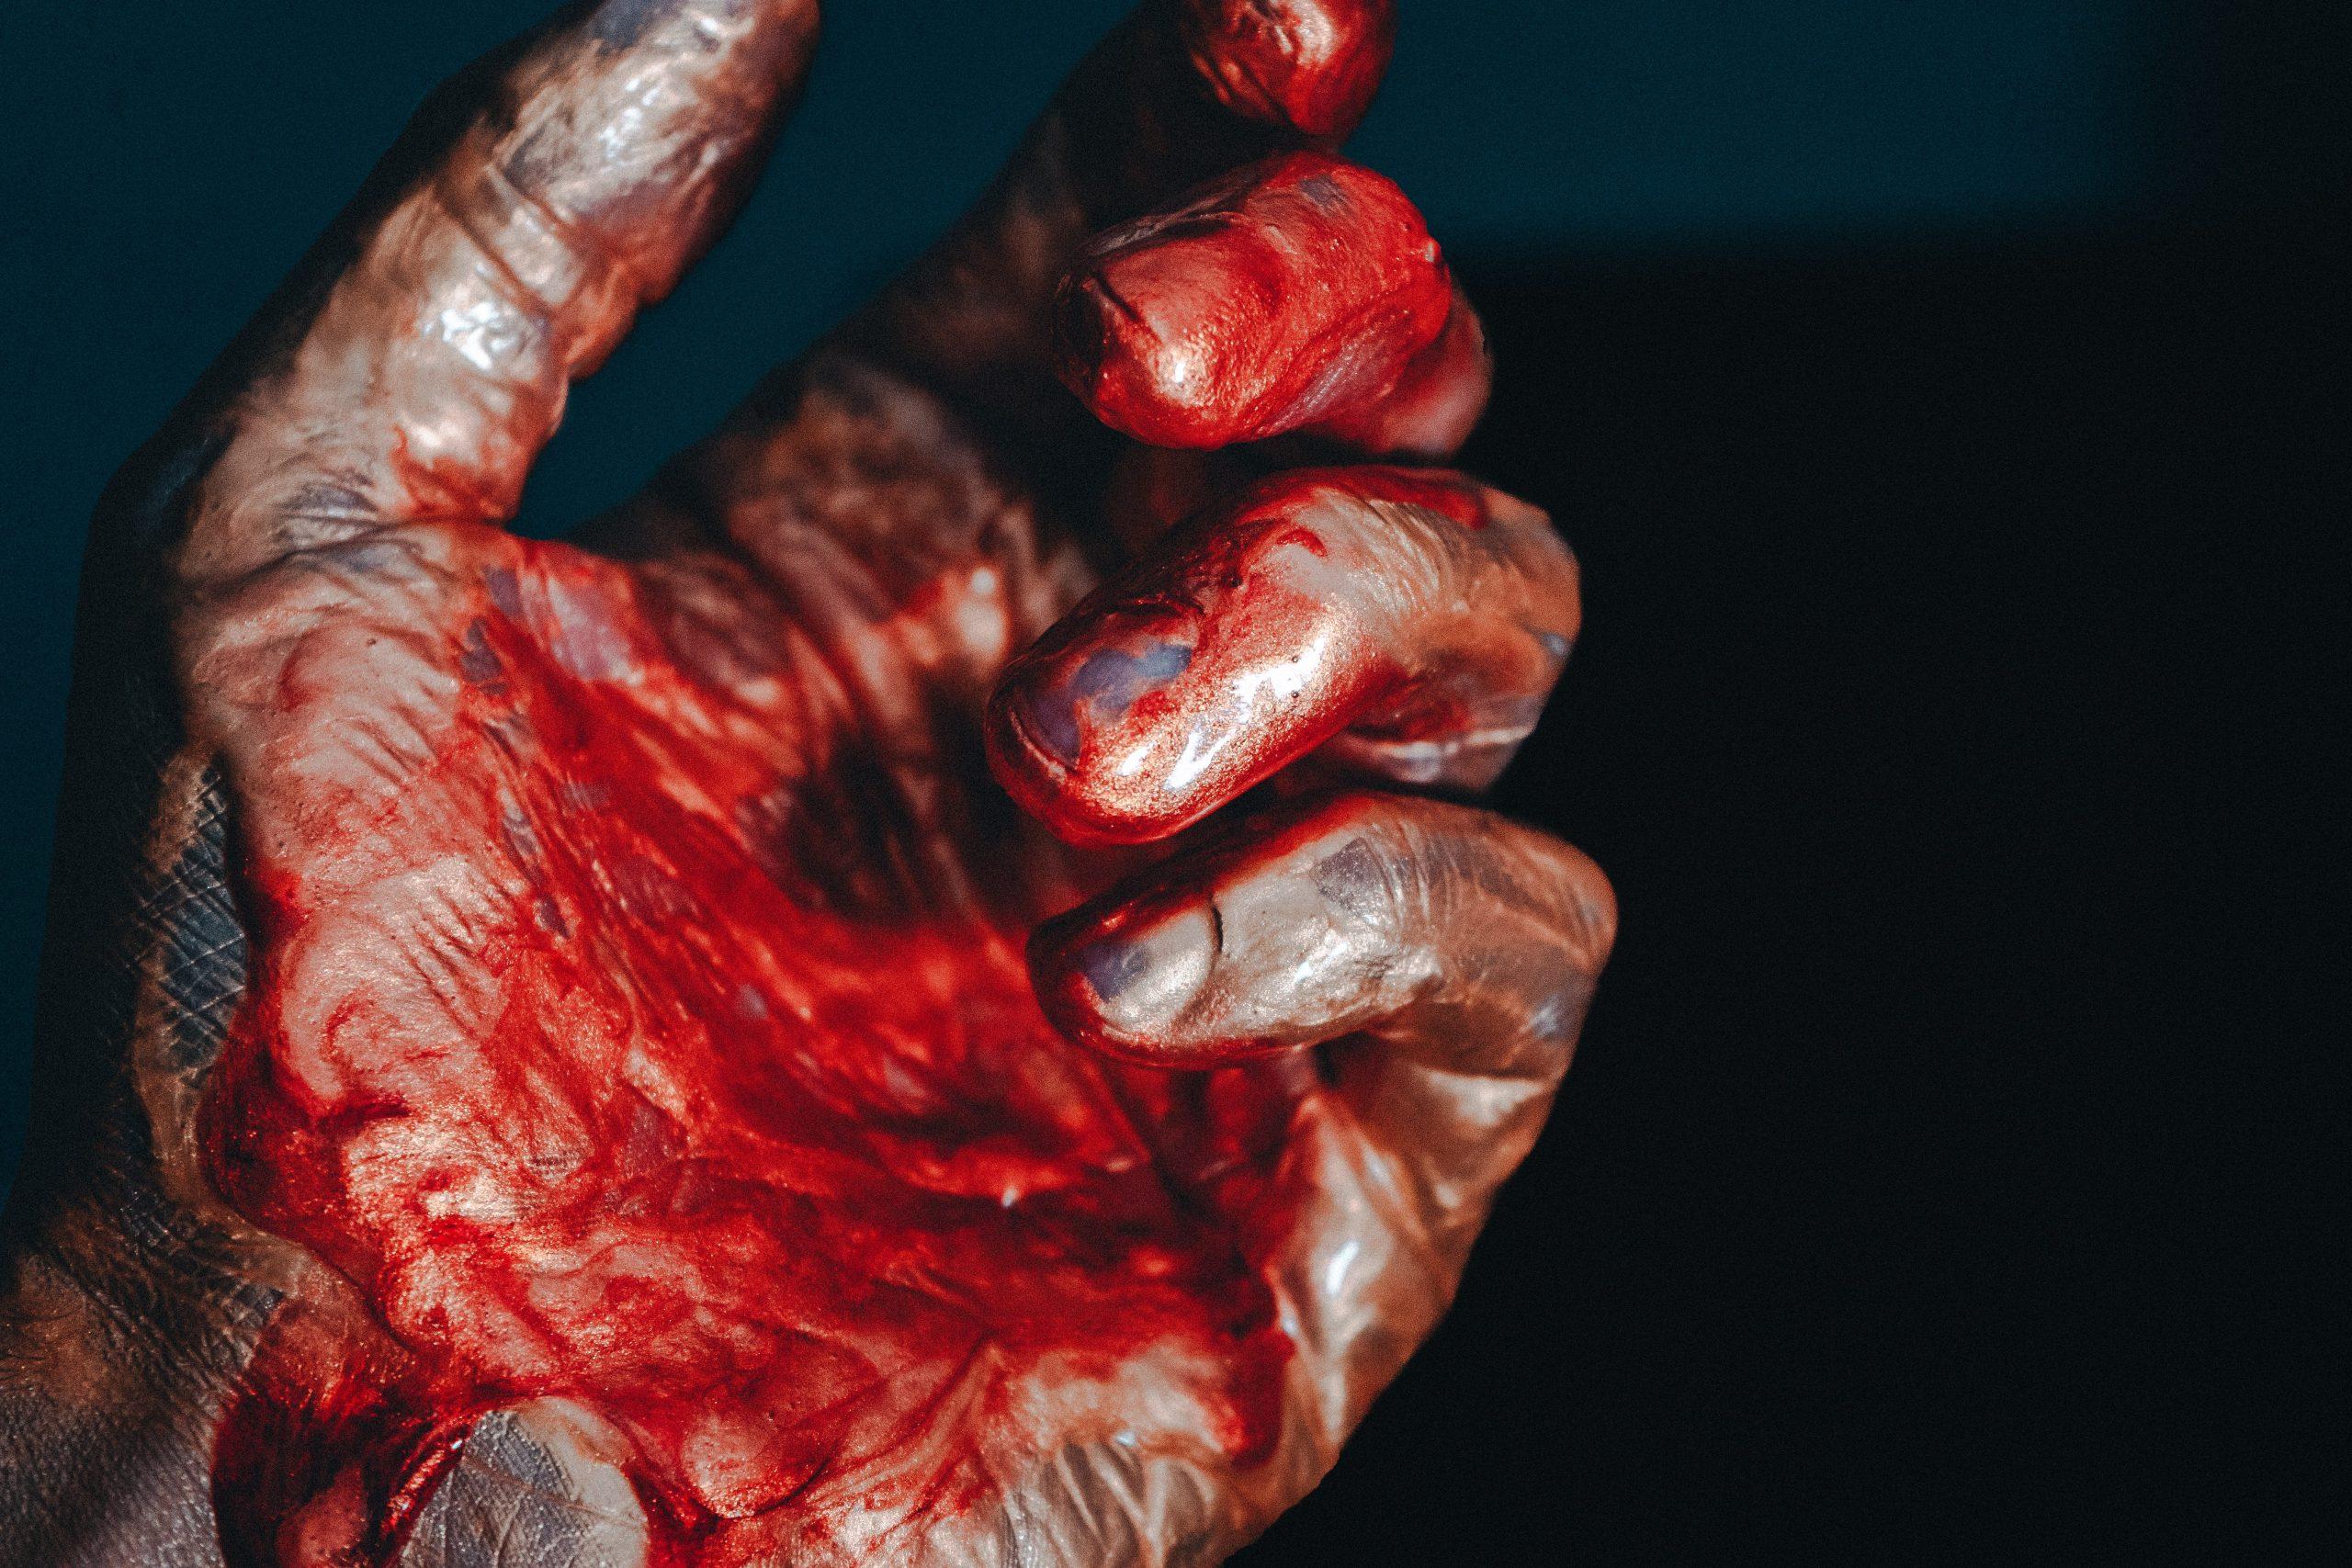 krv stekajúca po rukách